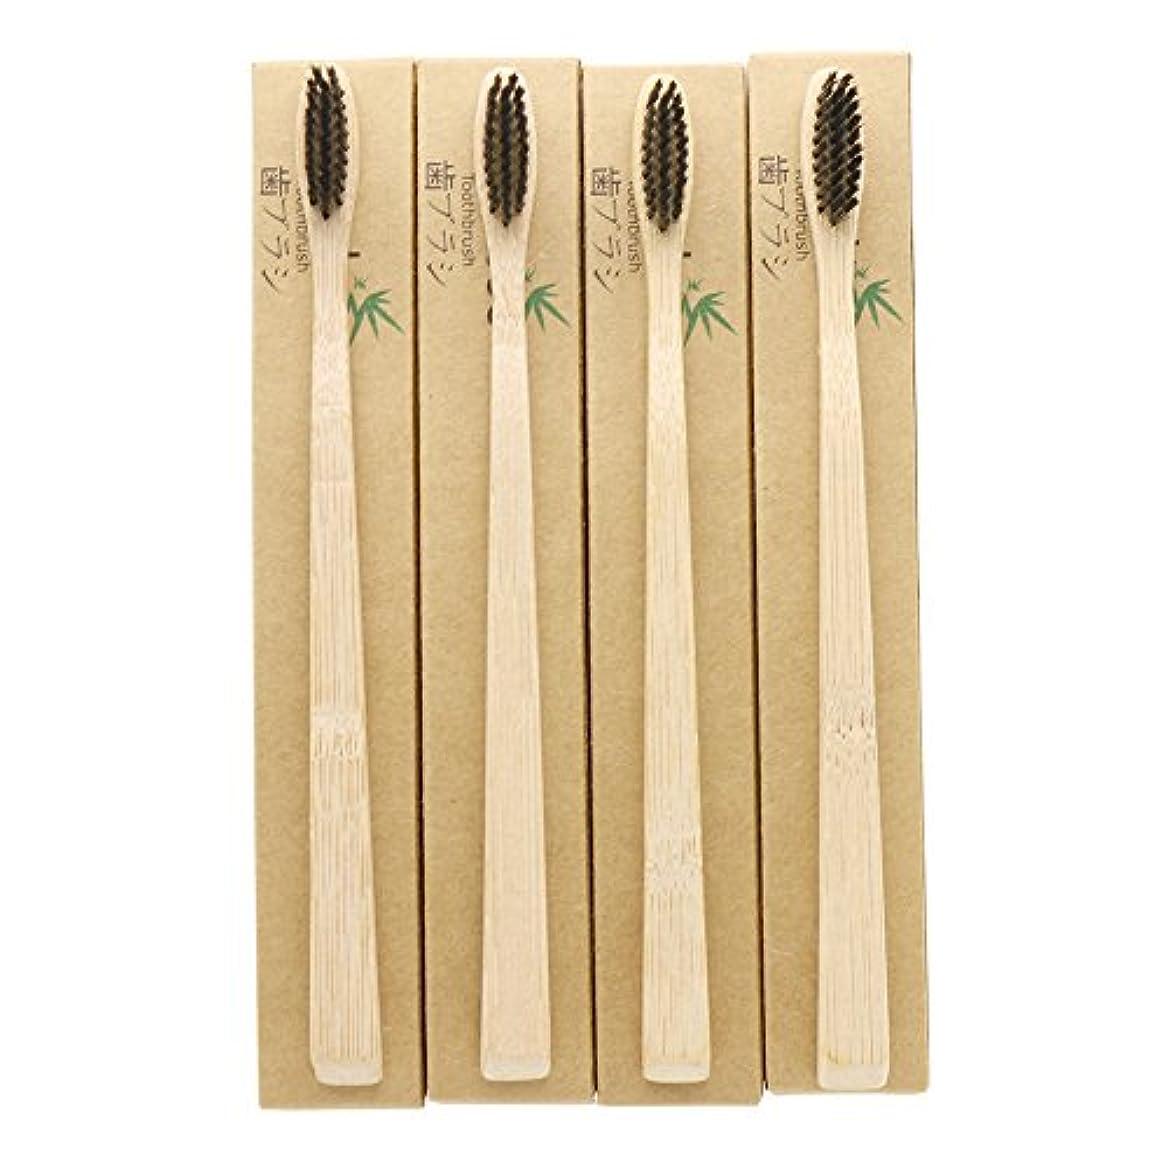 オンまさに韓国N-amboo 竹製耐久度高い 歯ブラシ 黒い ハンドル小さい 4本入りセット